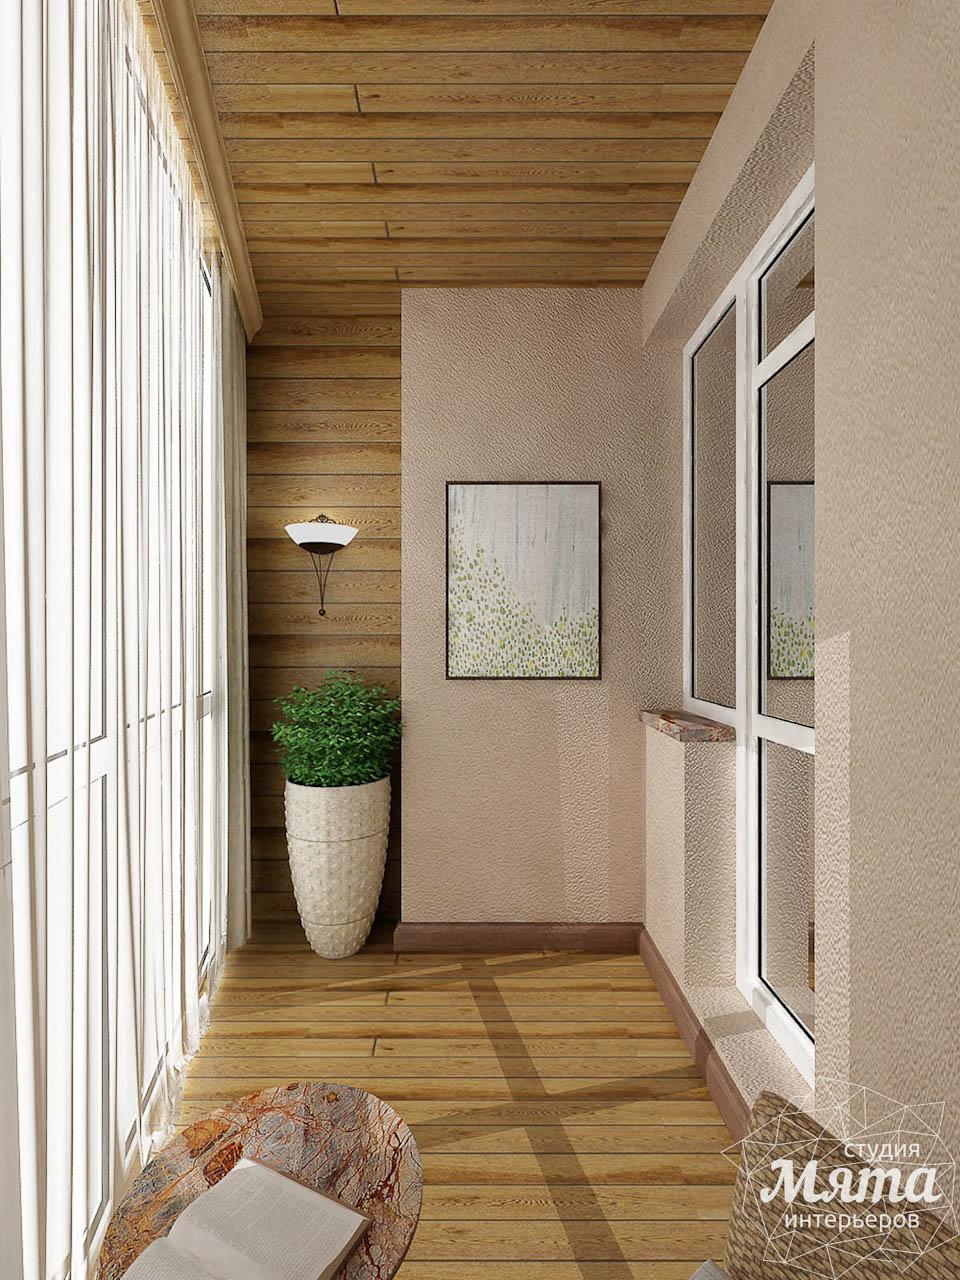 Дизайн интерьера двухкомнатной квартиры по ул. Мельникова 38 img262915011